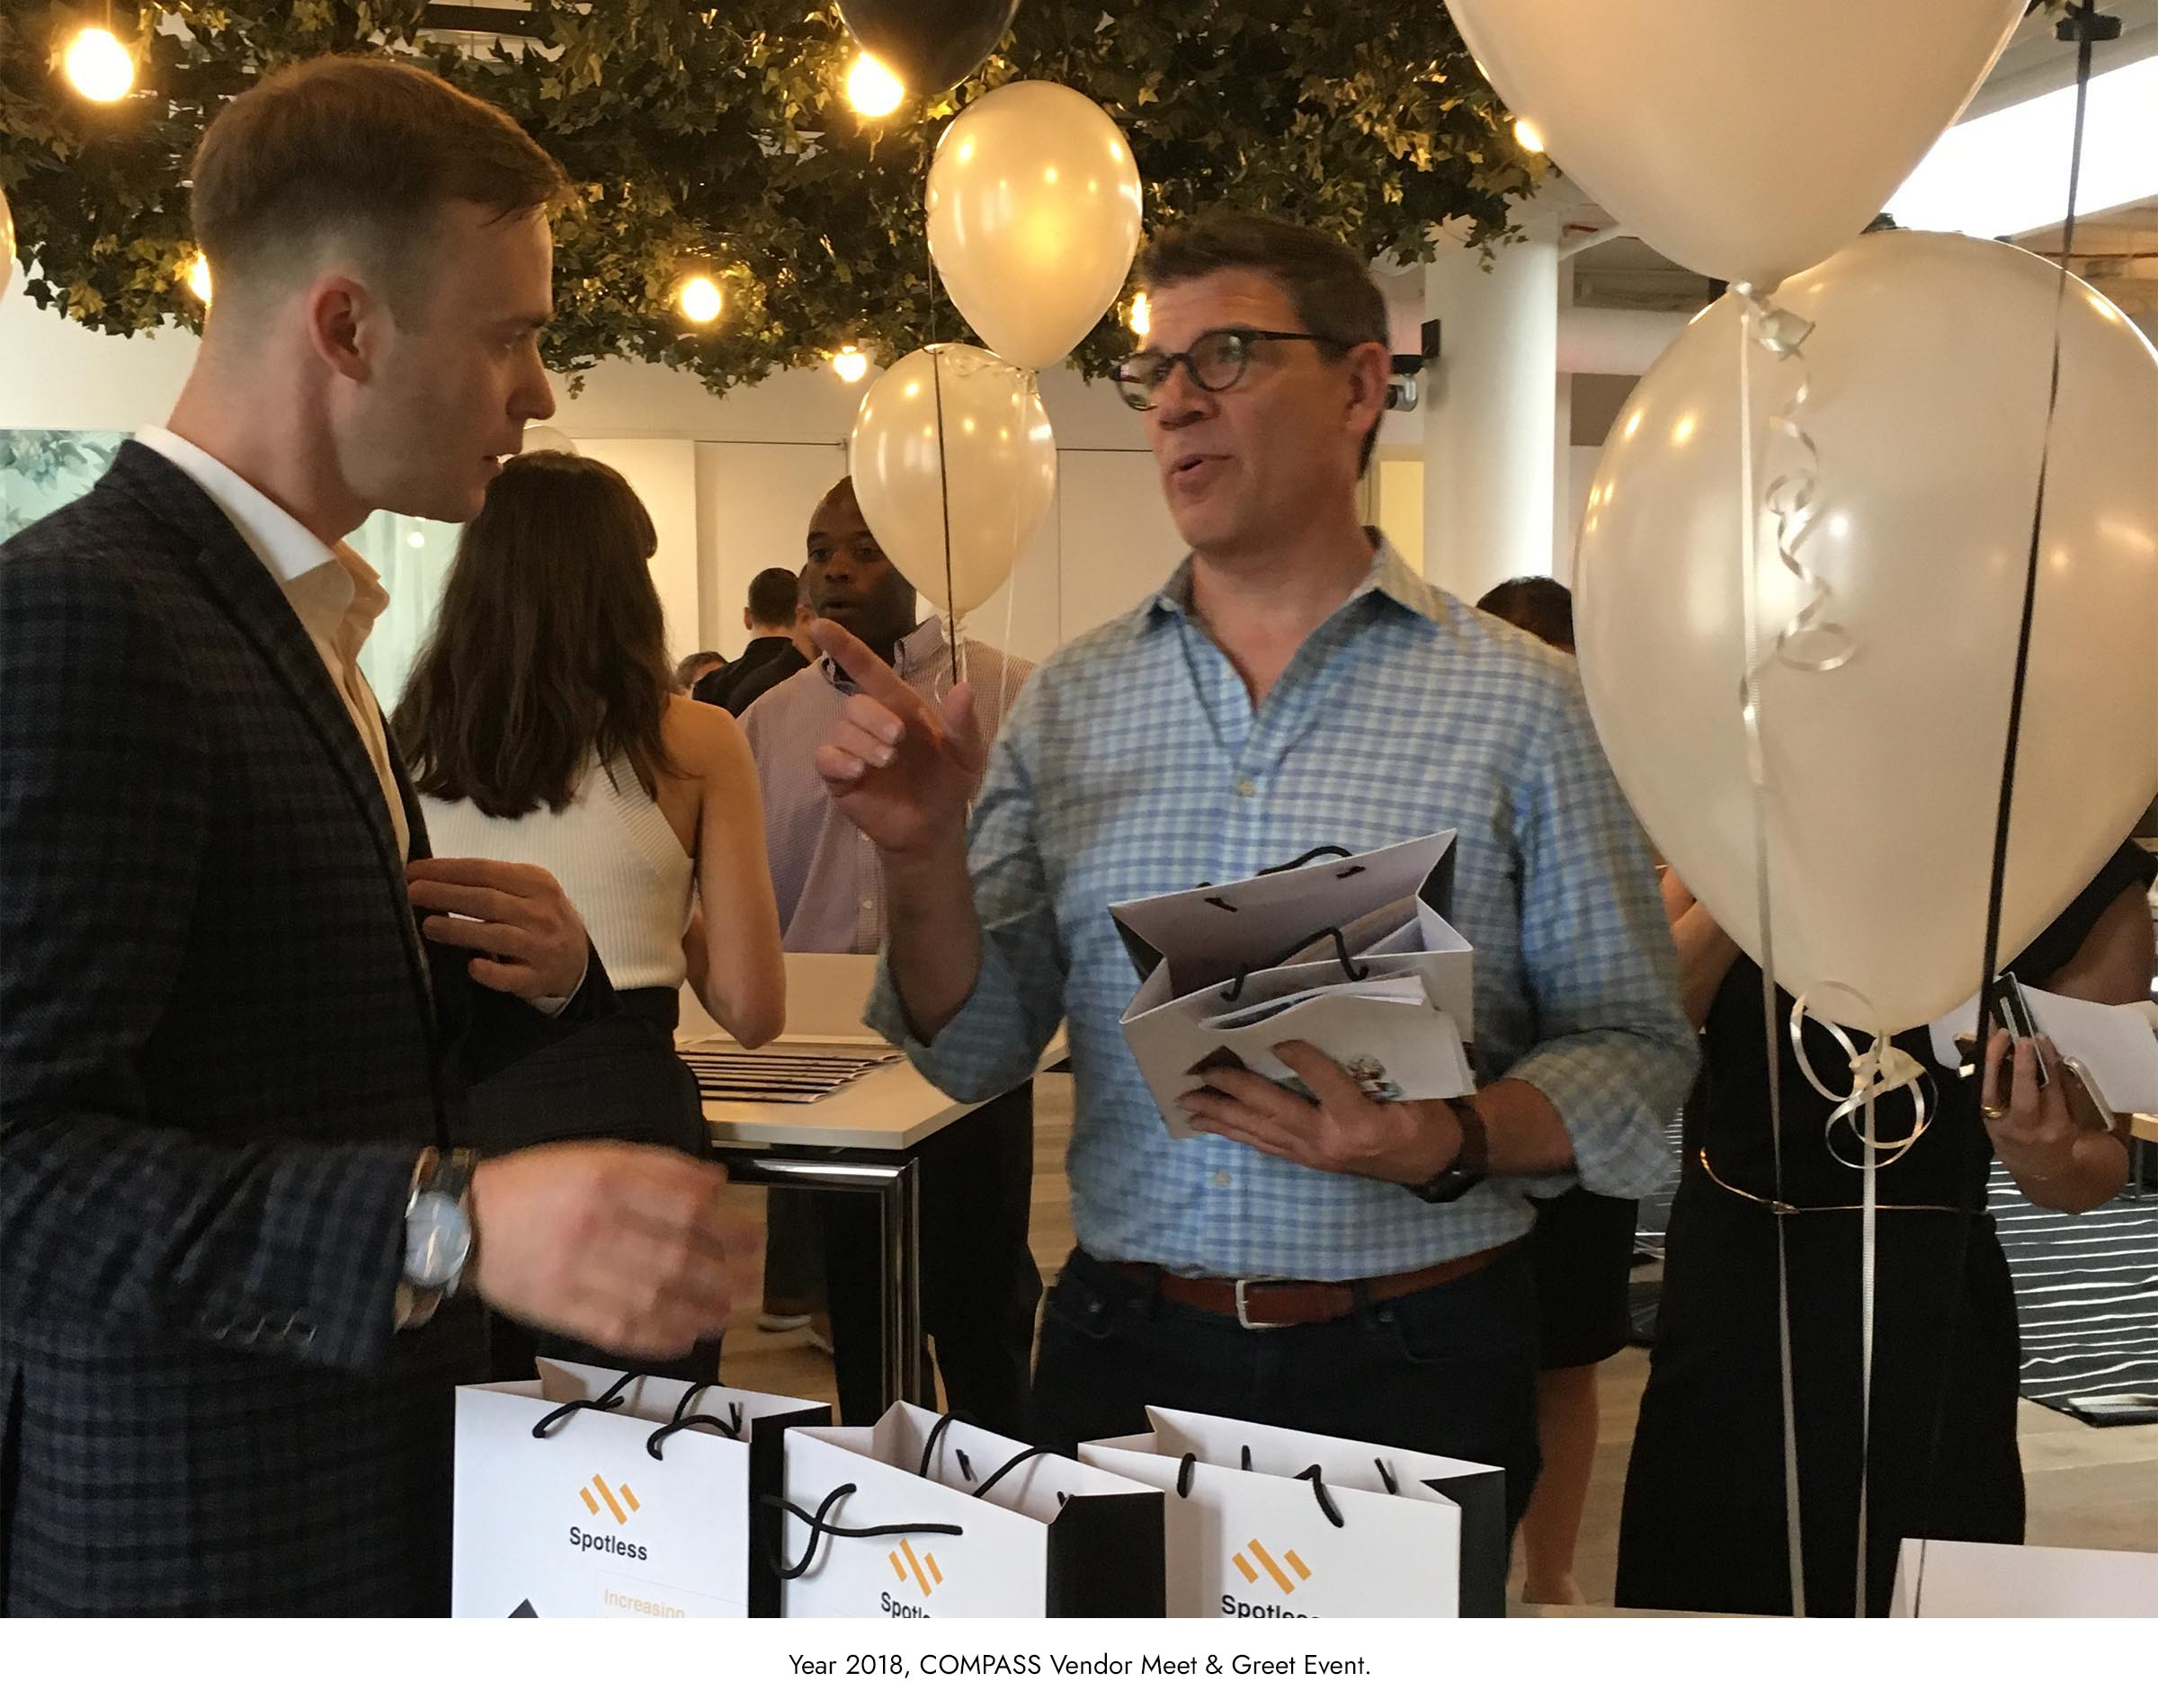 Year 2018, COMPASS Vendor Meet & Greet Event.